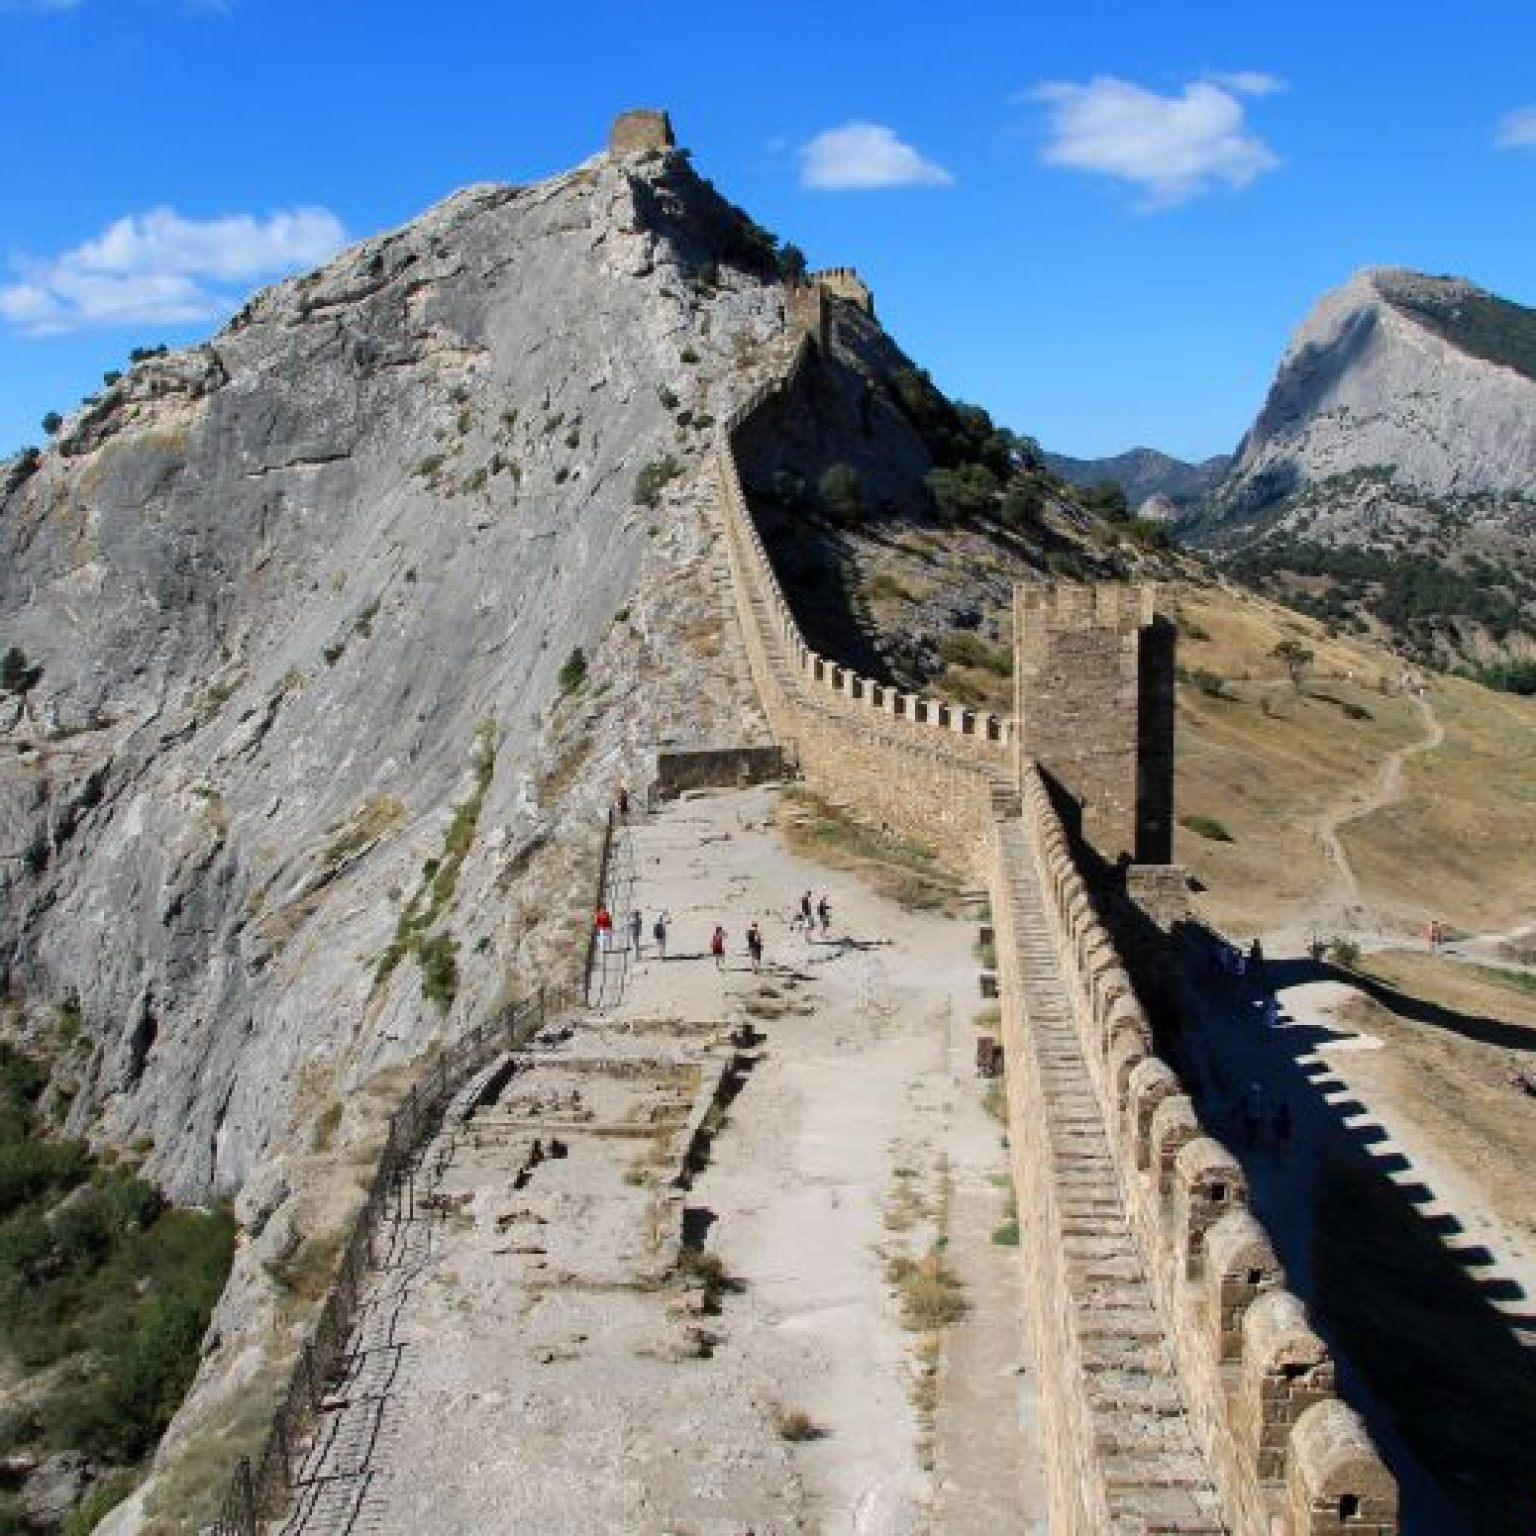 Достопримечательности Крыма - Генуэзская крепость в Судаке